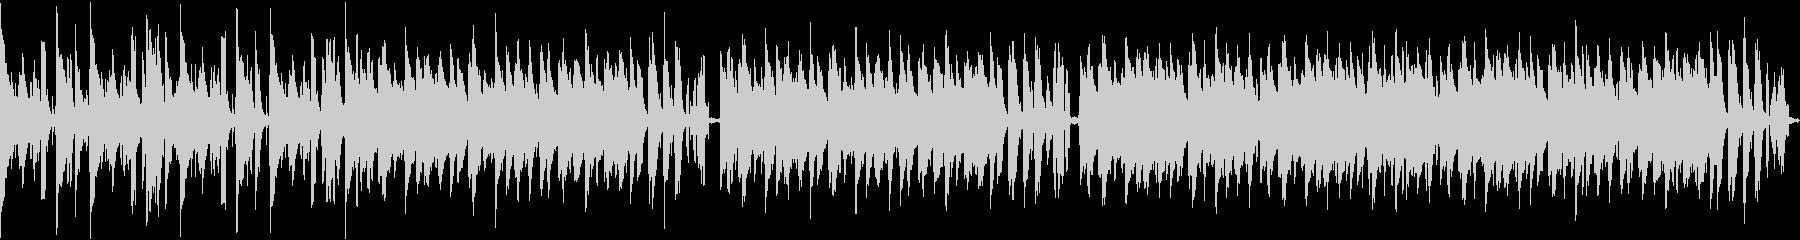 Comical / quiet karaoke loop specifications's unreproduced waveform